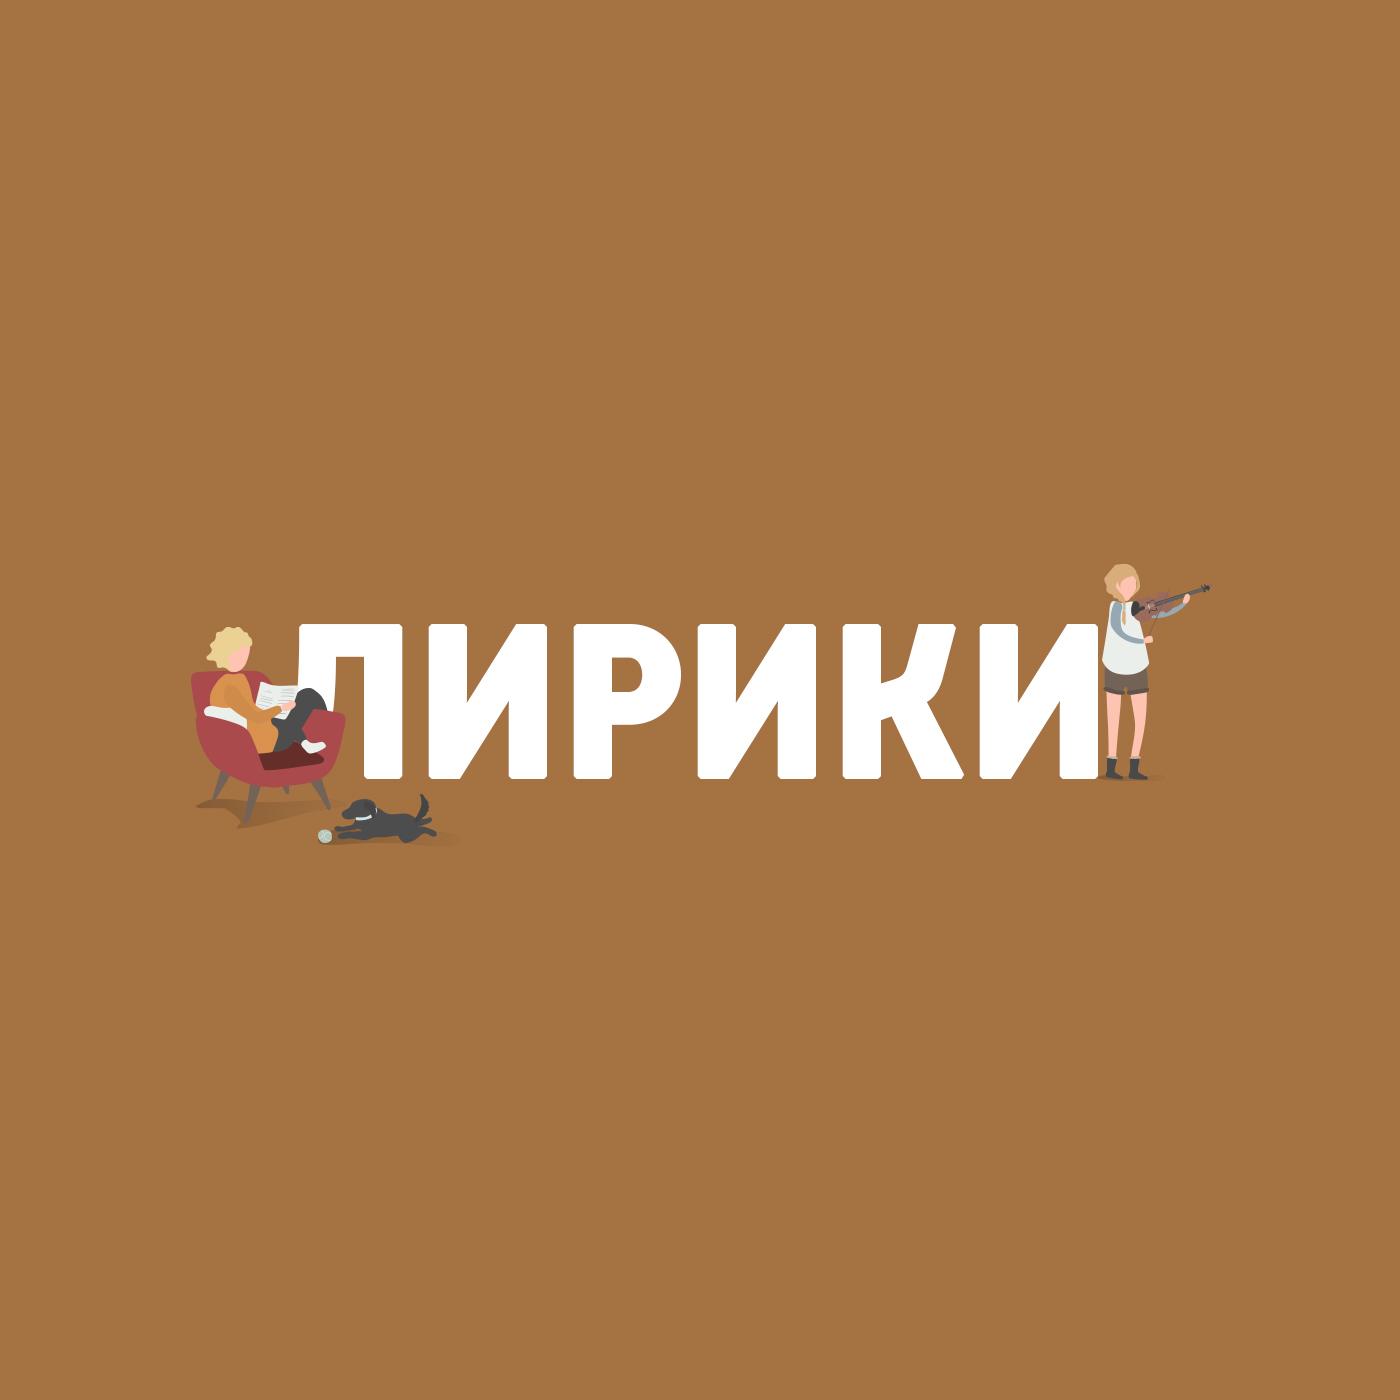 Маргарита Митрофанова / Татьяна Гартман о русском языке